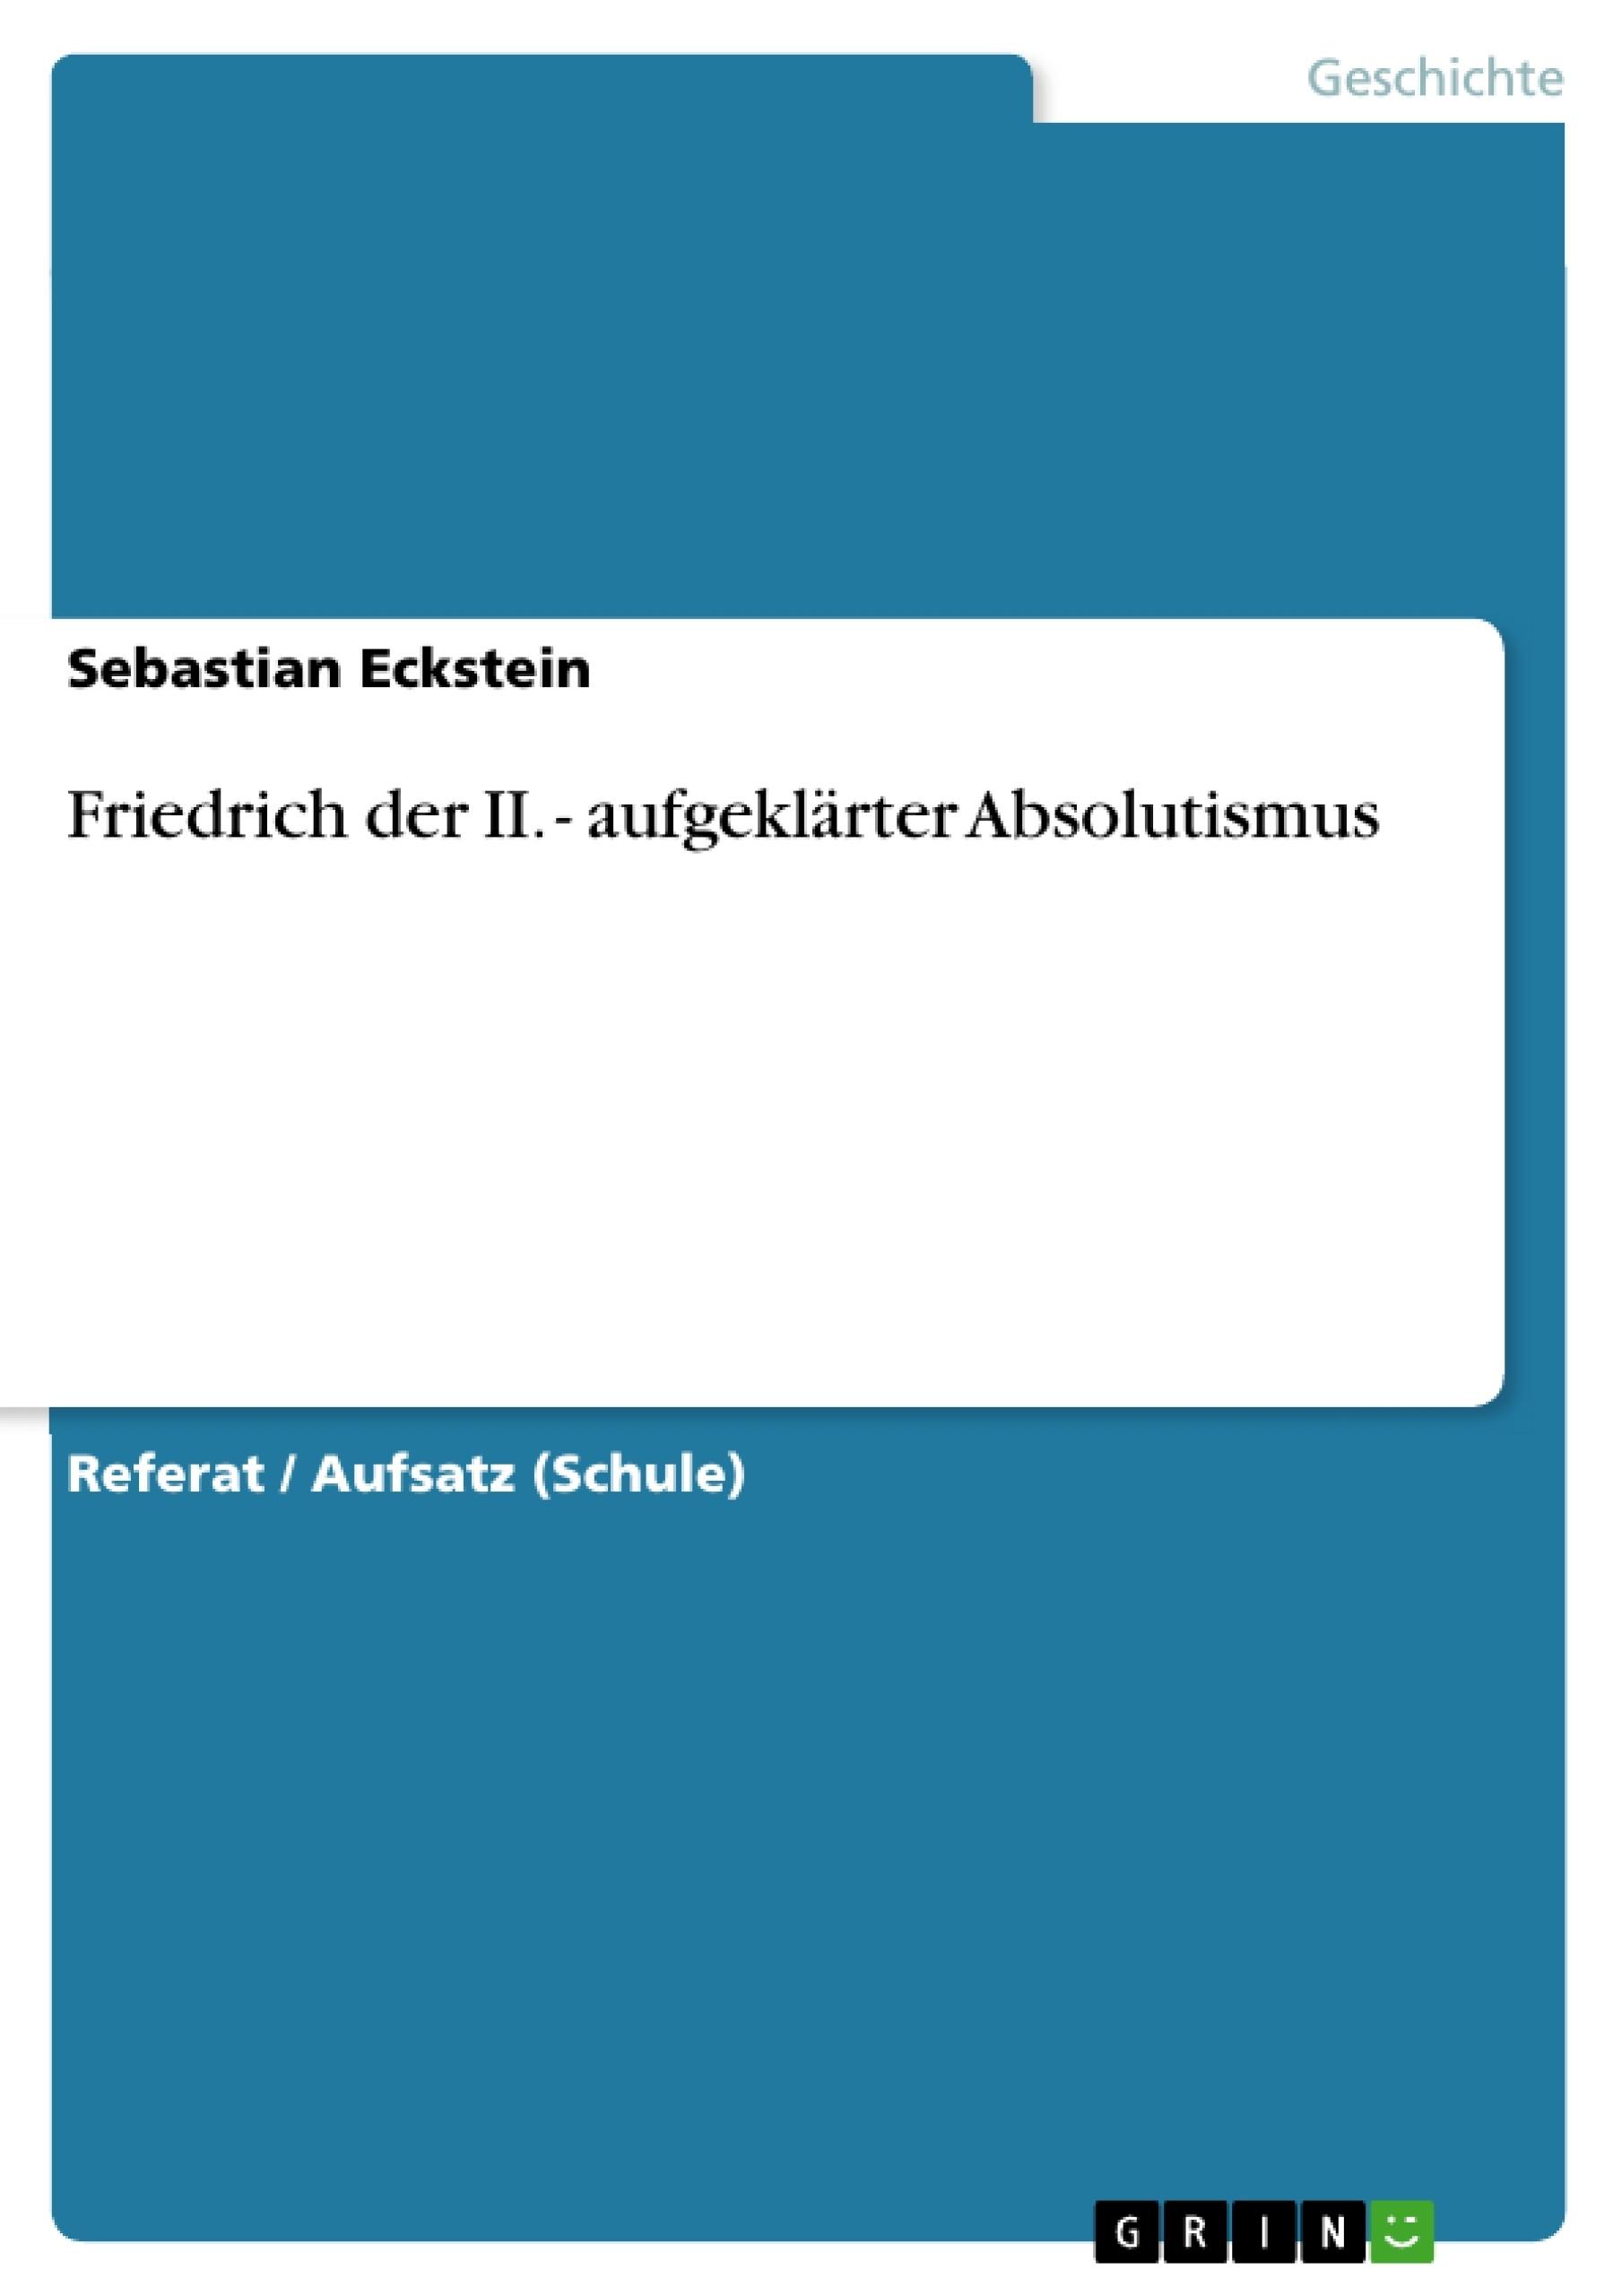 Titel: Friedrich der II. - aufgeklärter Absolutismus